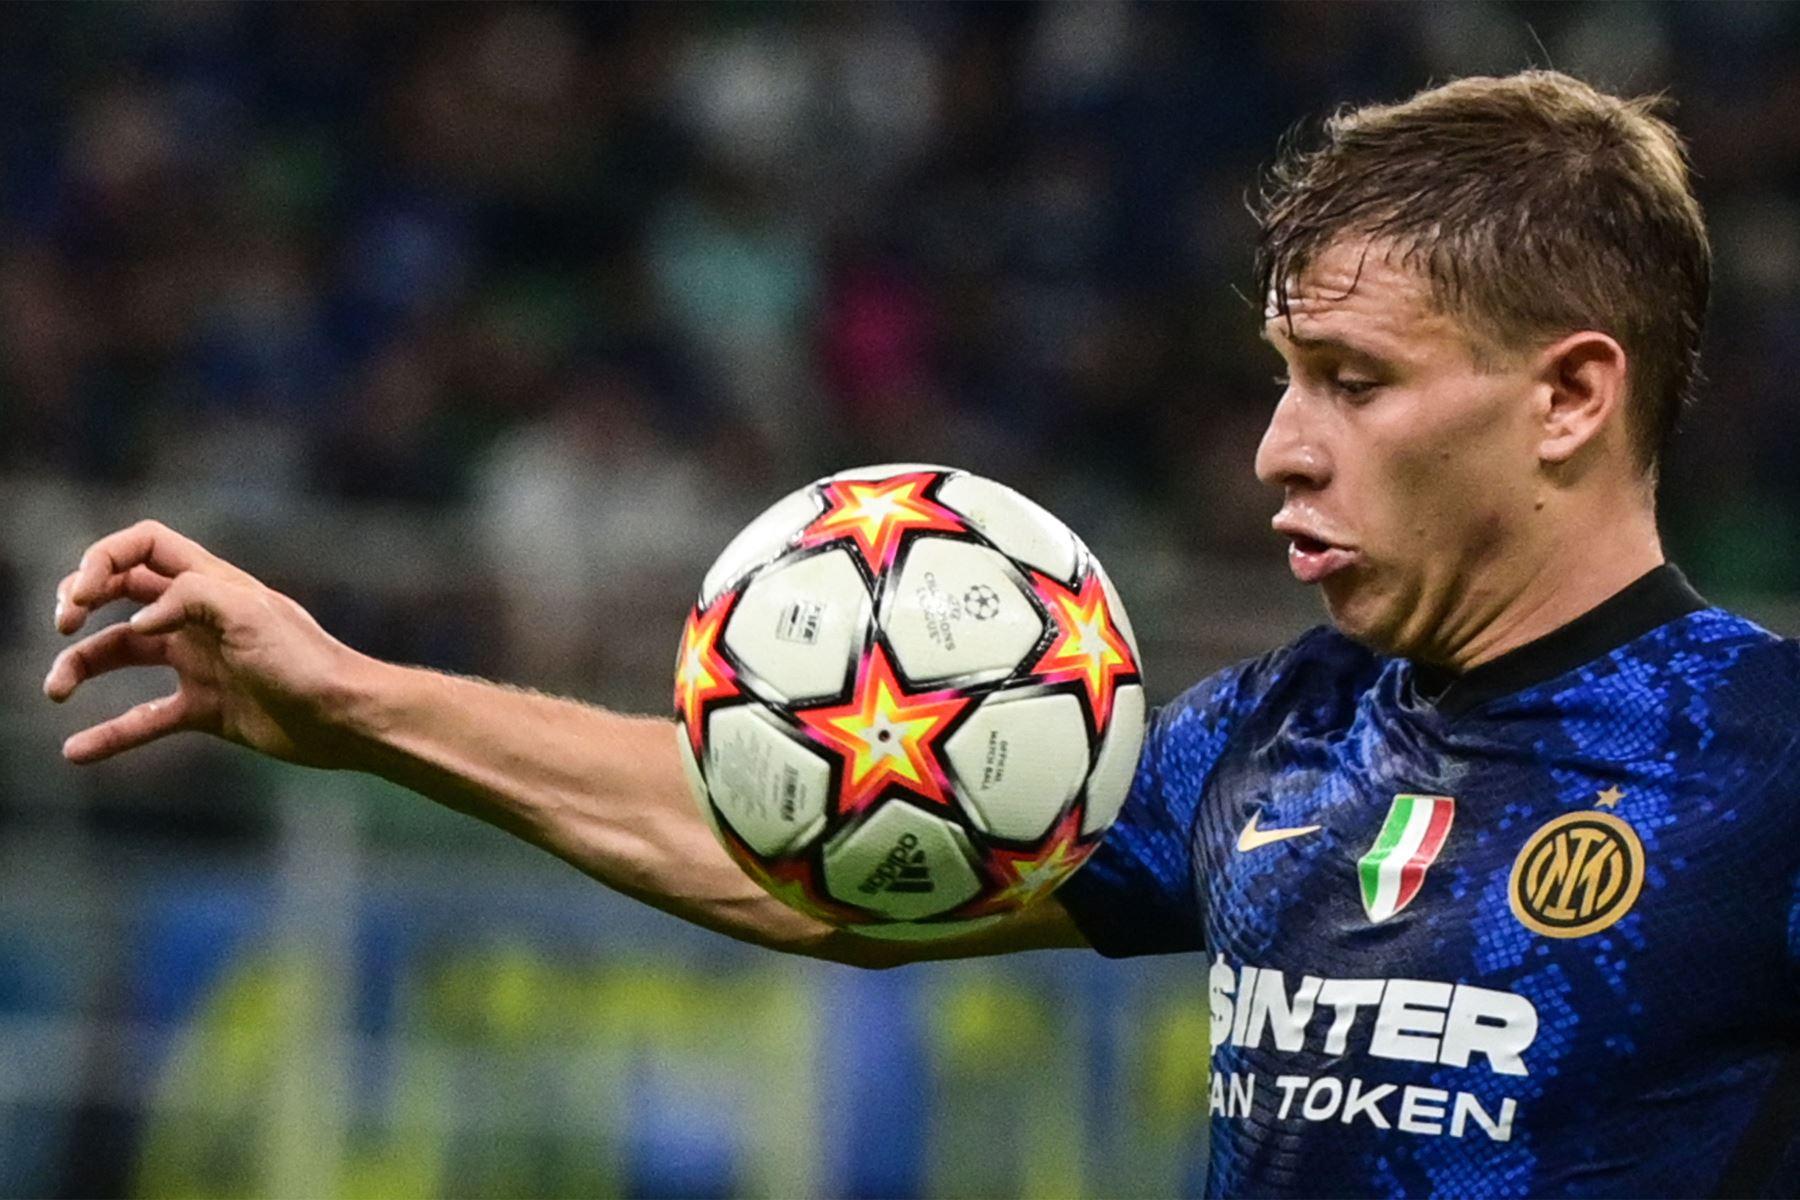 El centrocampista italiano del Inter de Milán Nicolo Barella controla el pecho del balón durante el partido de fútbol del Grupo D de la Liga de Campeones de la UEFA entre el Inter de Milán y el Real Madrid. Foto: AFP